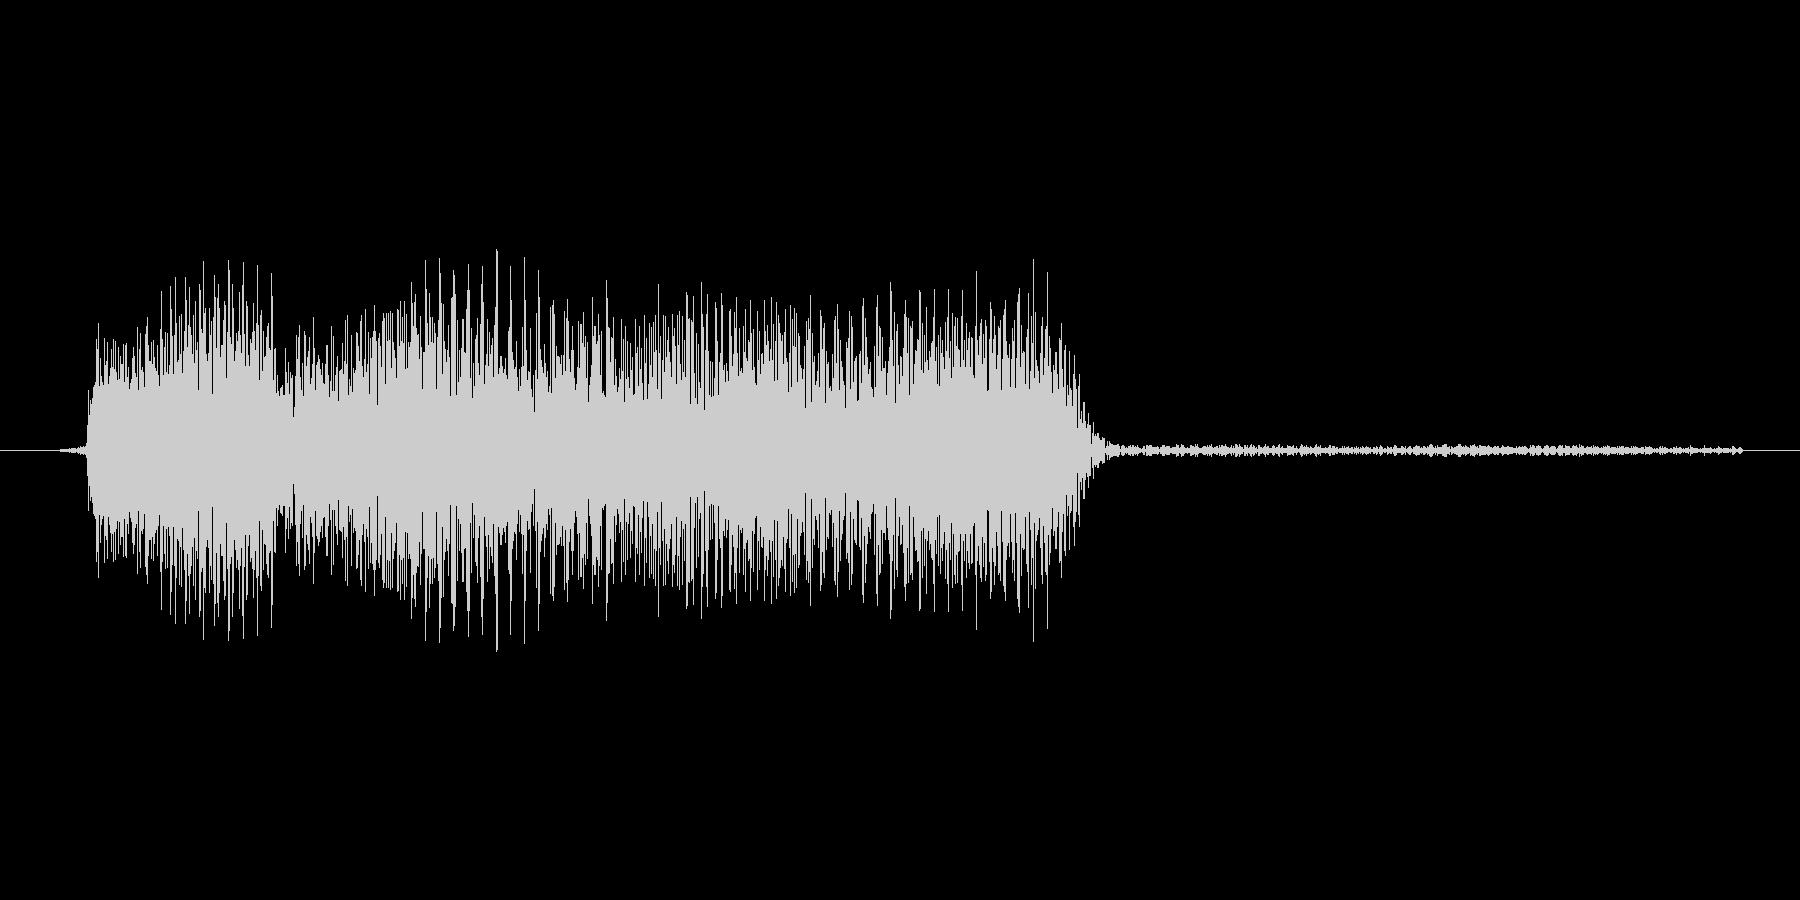 ゲーム、クイズ(ピンポン音)_013の未再生の波形